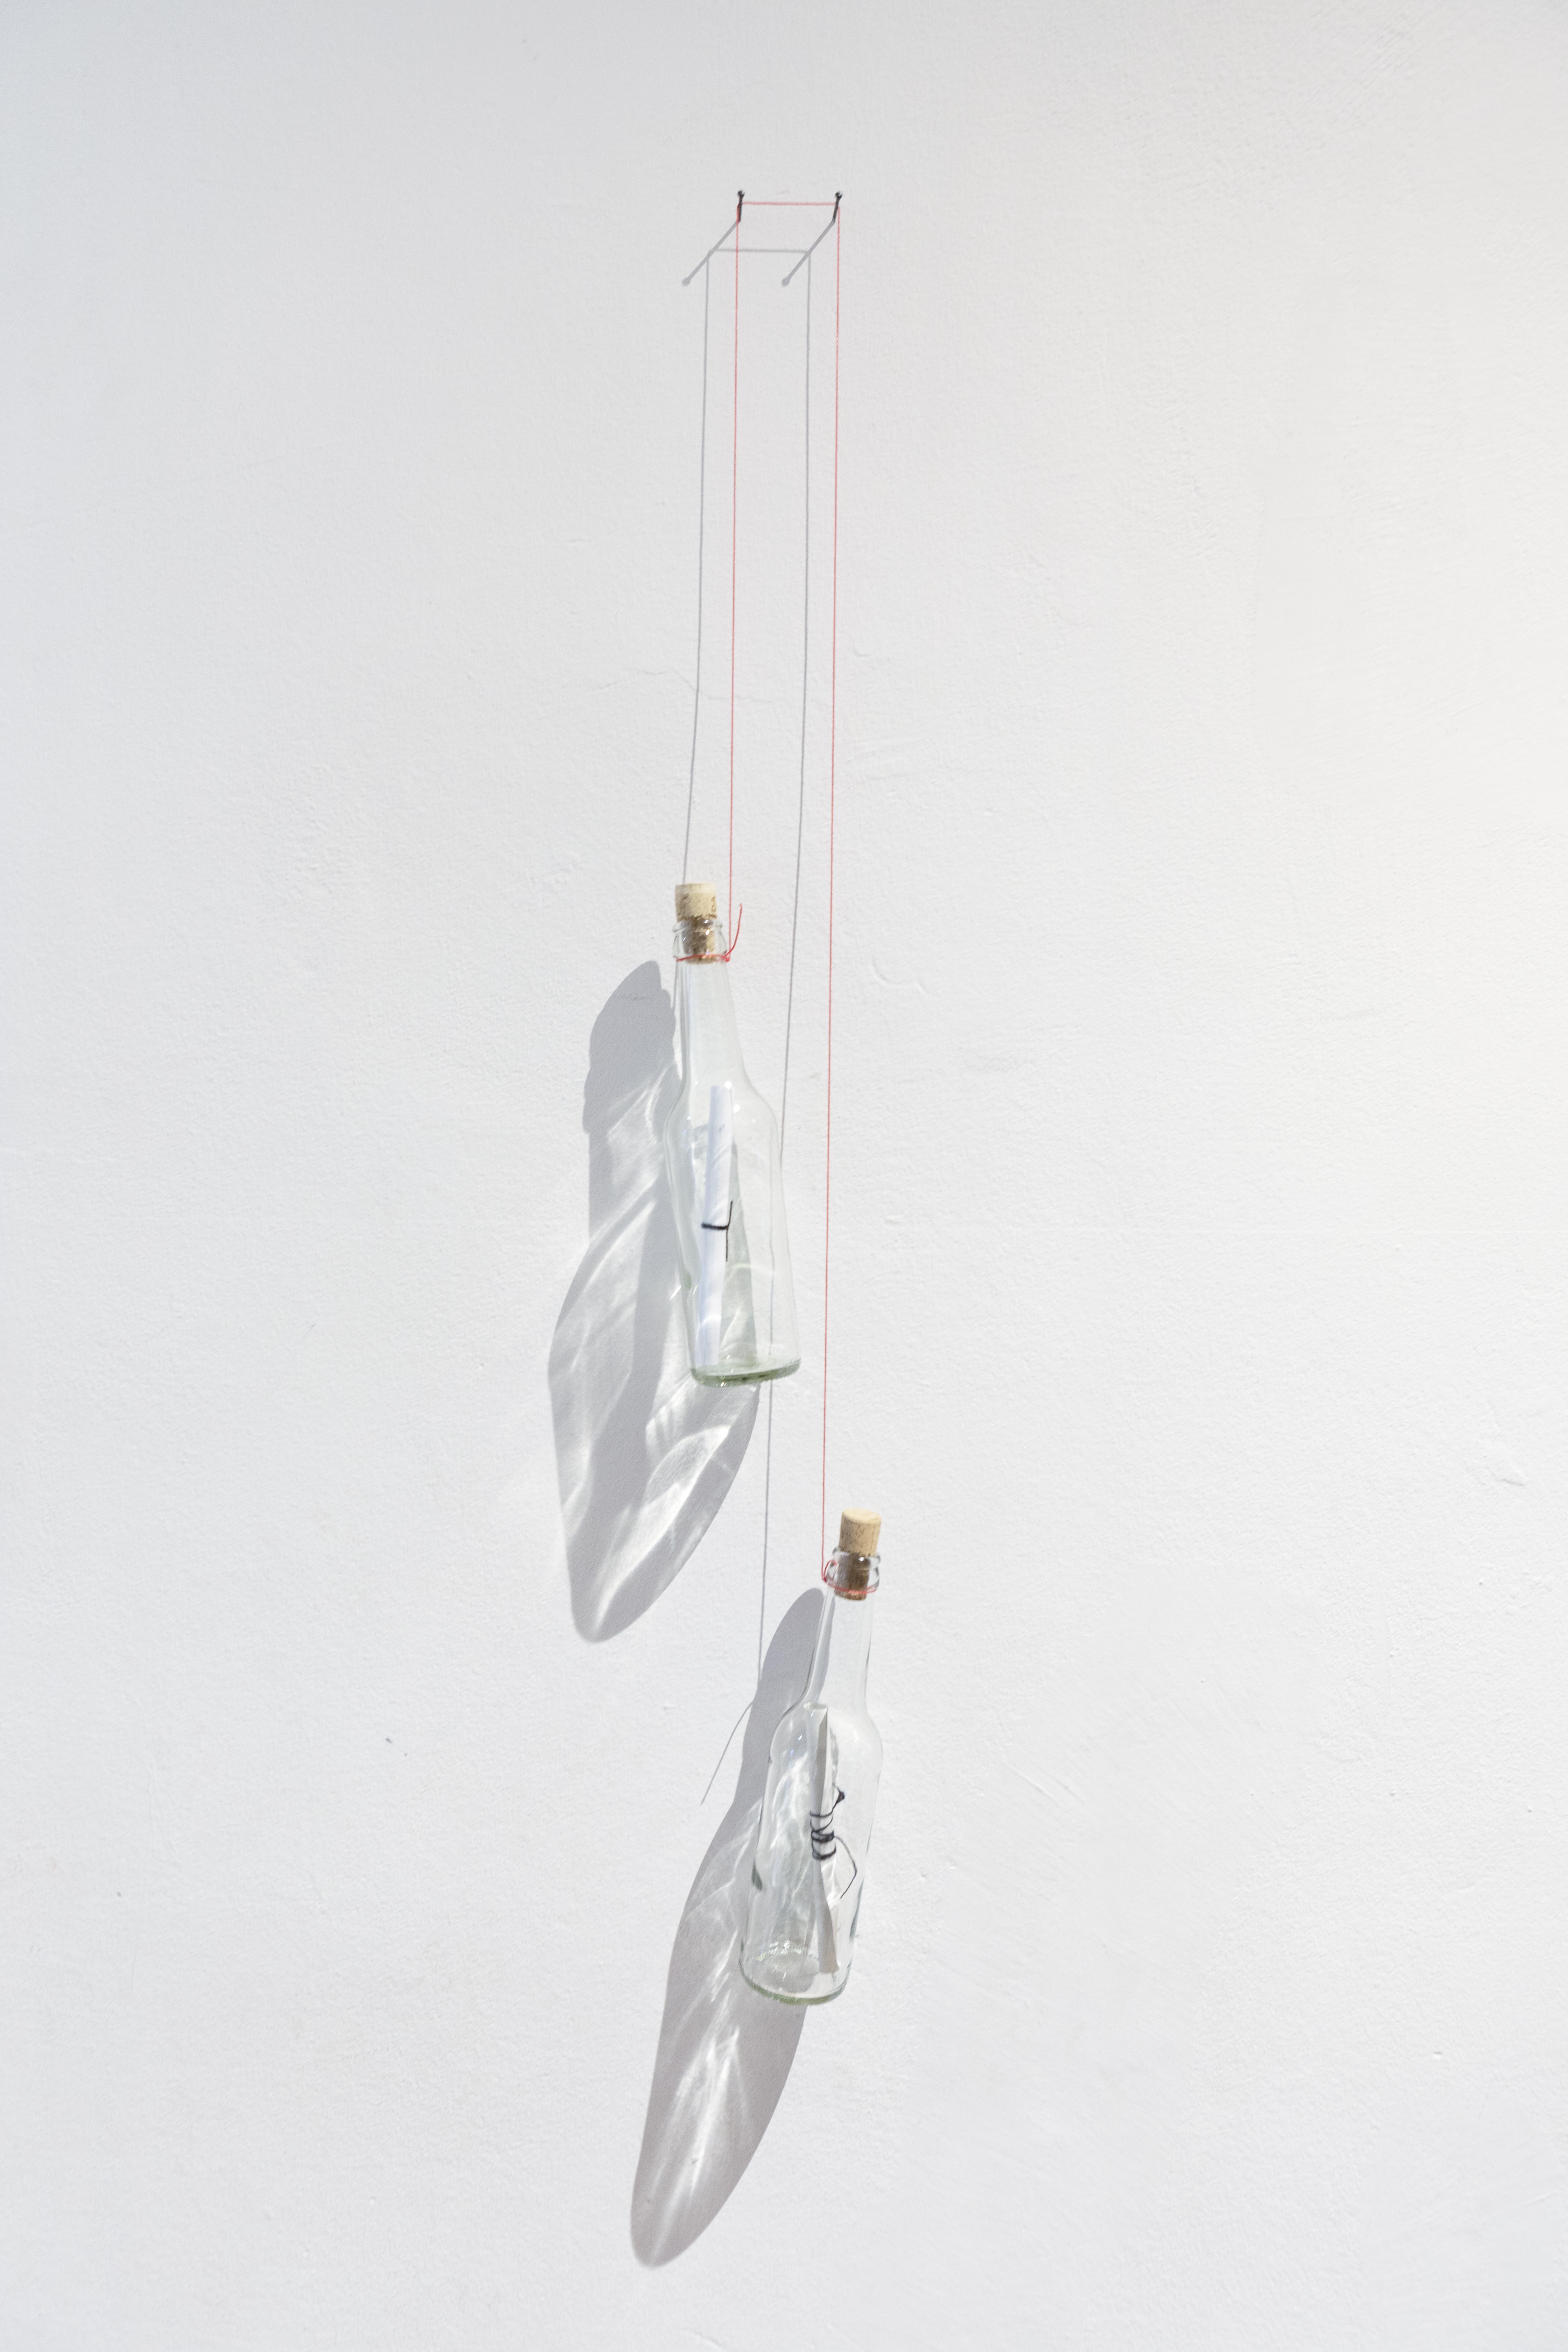 Marcia Breuer, Eine Insel ist immer auch das sie umgebende Meer II, 2020, Objektinstallation mit 2 Glasflaschen, Maurerschnur, 95 x 15 x 6 cm_450€